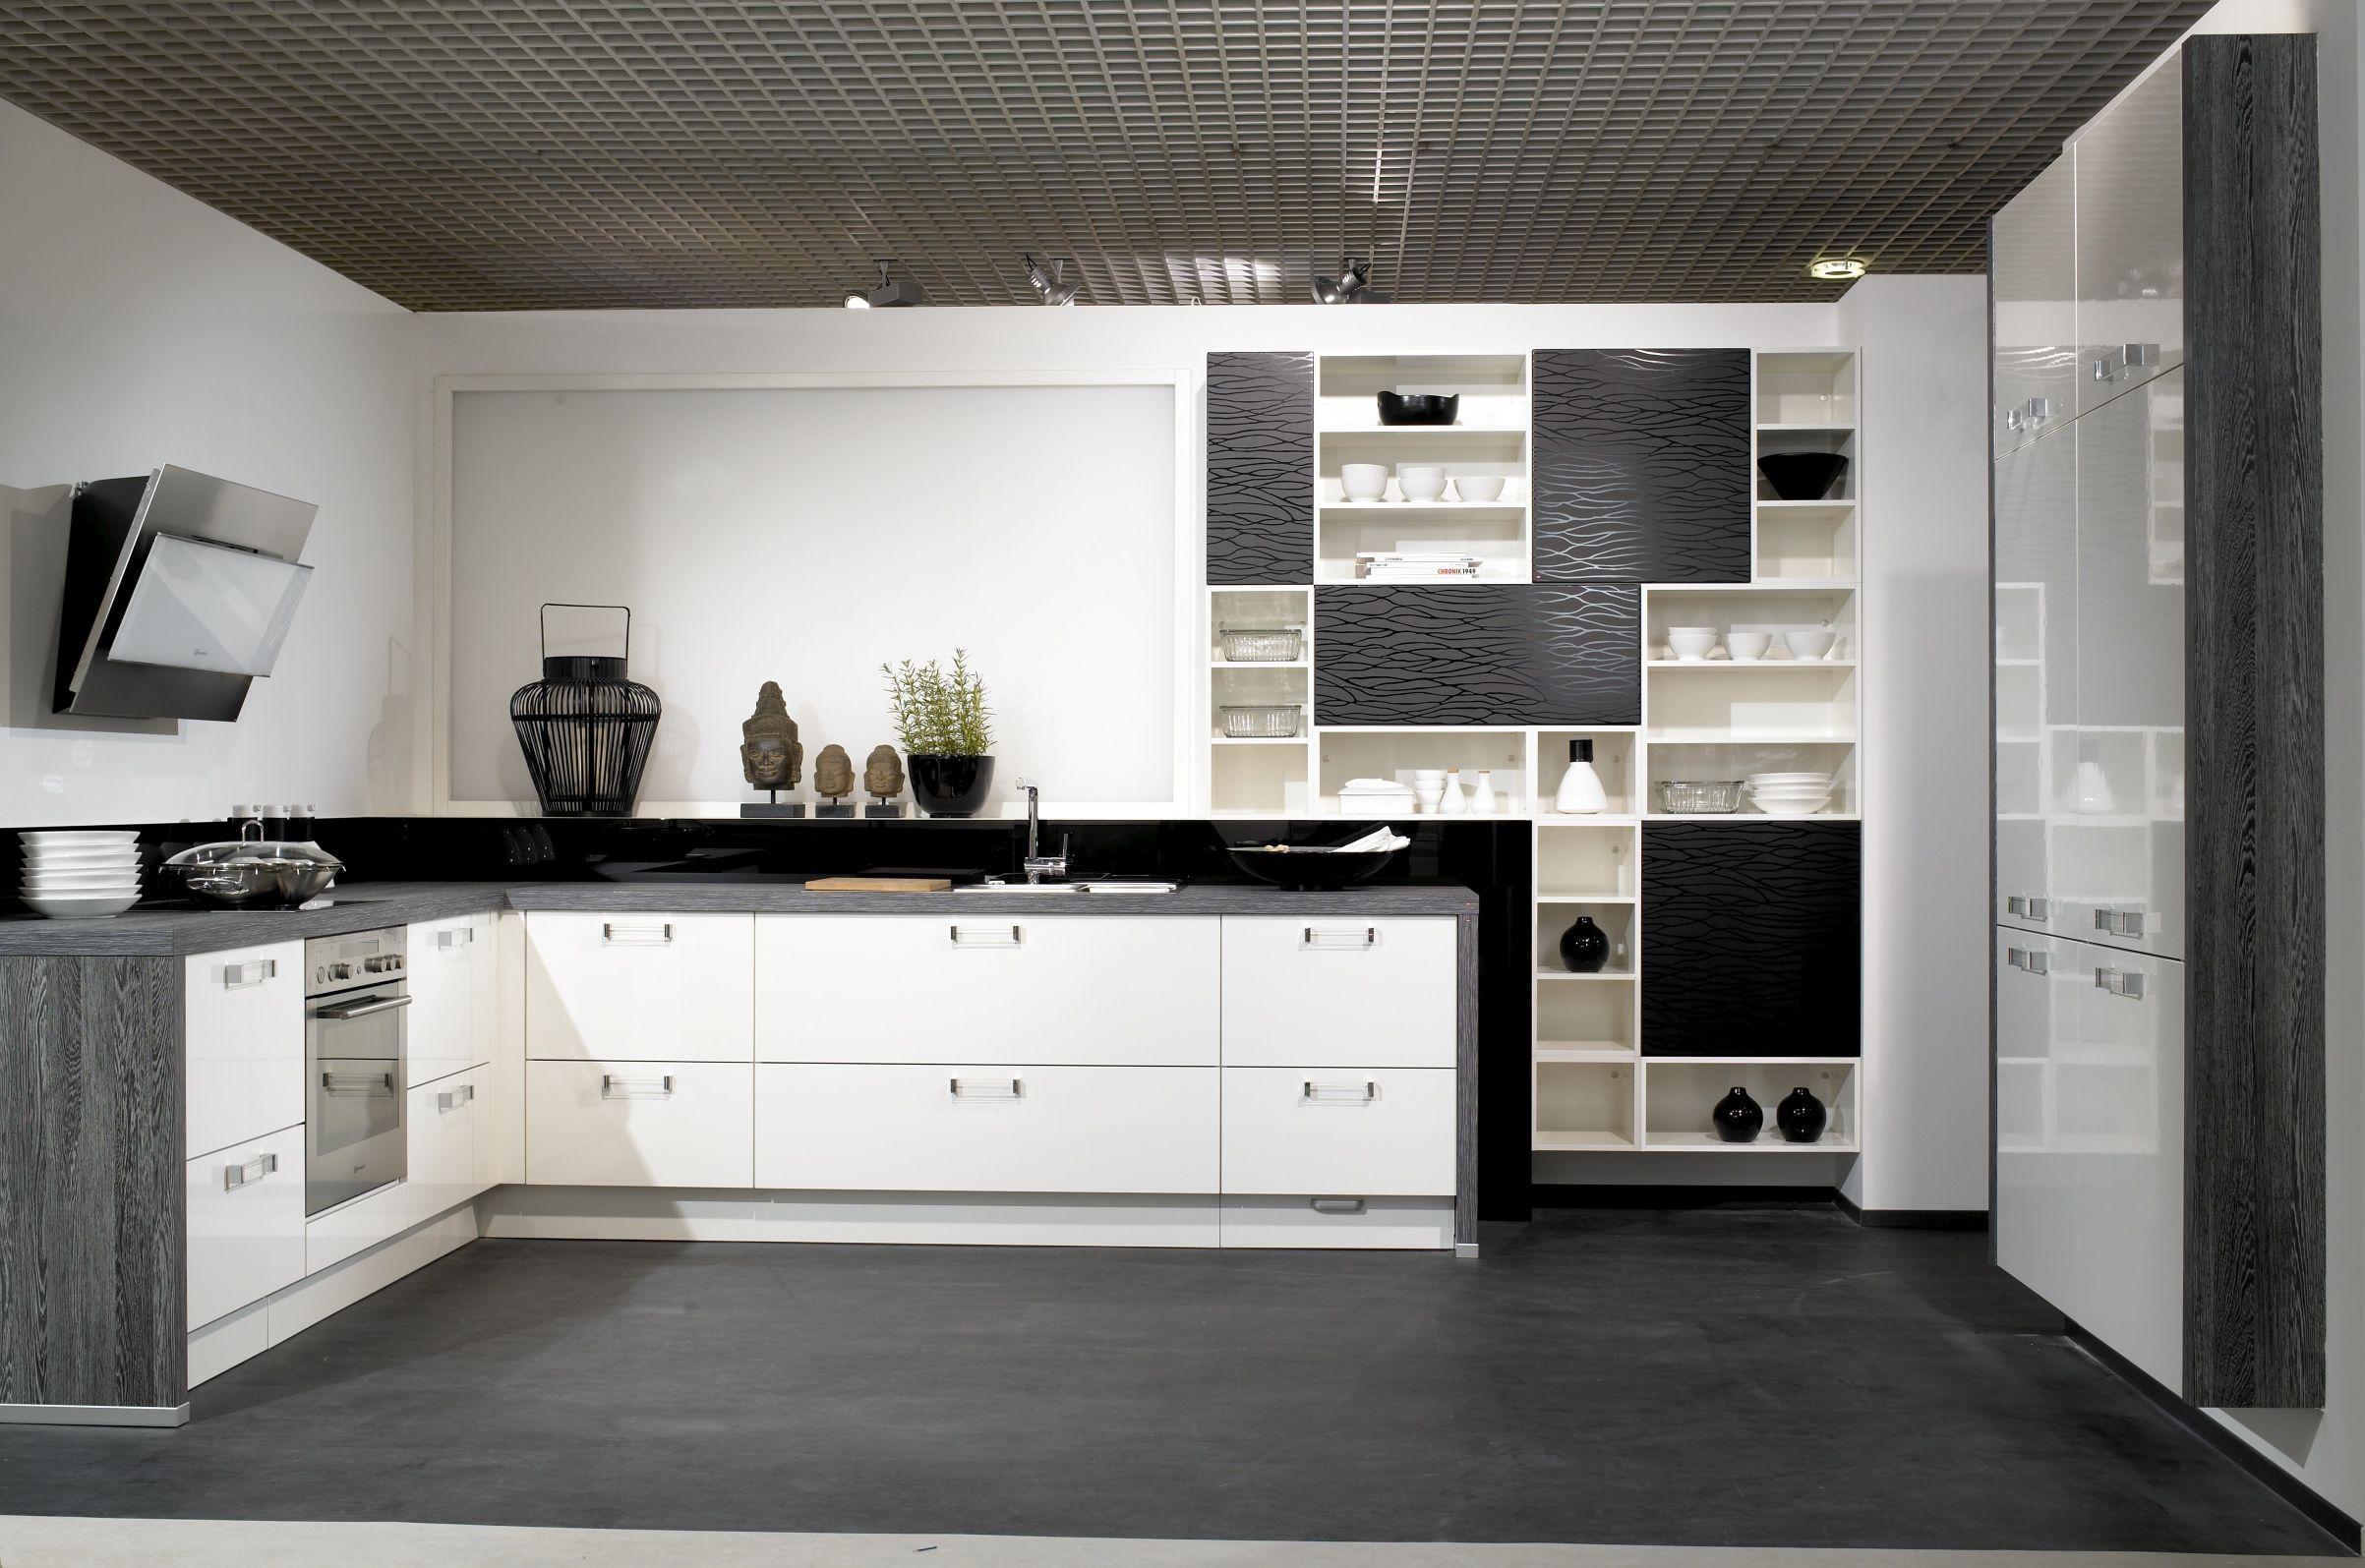 Muebles de cocina blanco con encimera negra - Singular kitchen madrid ...